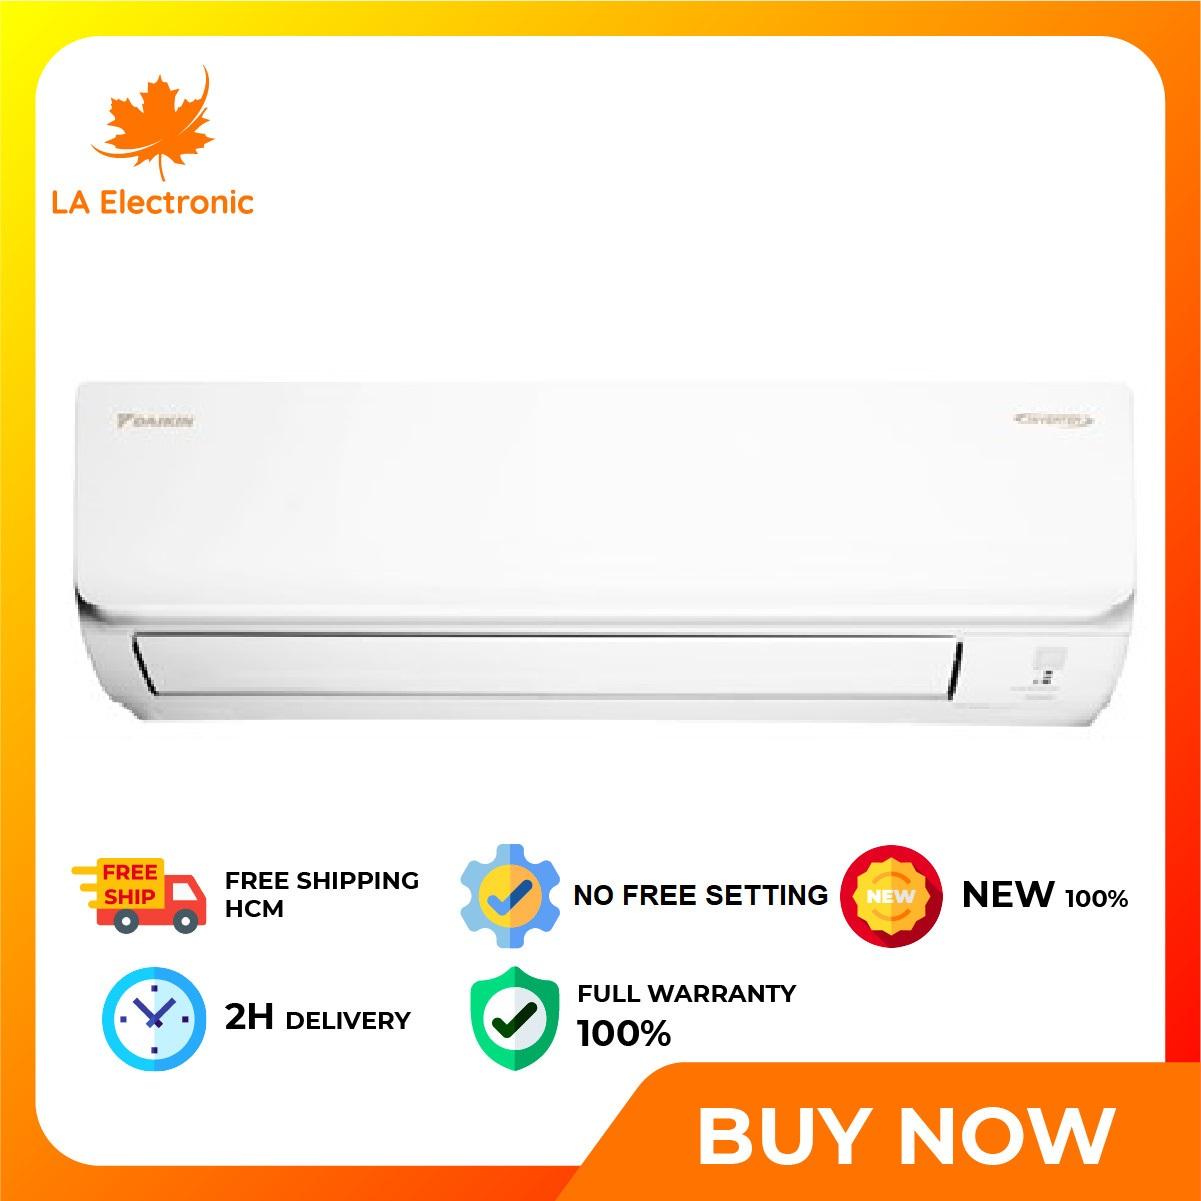 [GIAO HÀNG 2 - 15 NGÀY, TRỄ NHẤT 15.08] Trả Góp 0% - Máy lạnh Daikin Inverter 2.5 HP FTKA60UAVMV - Miễn phí vận chuyển HCM